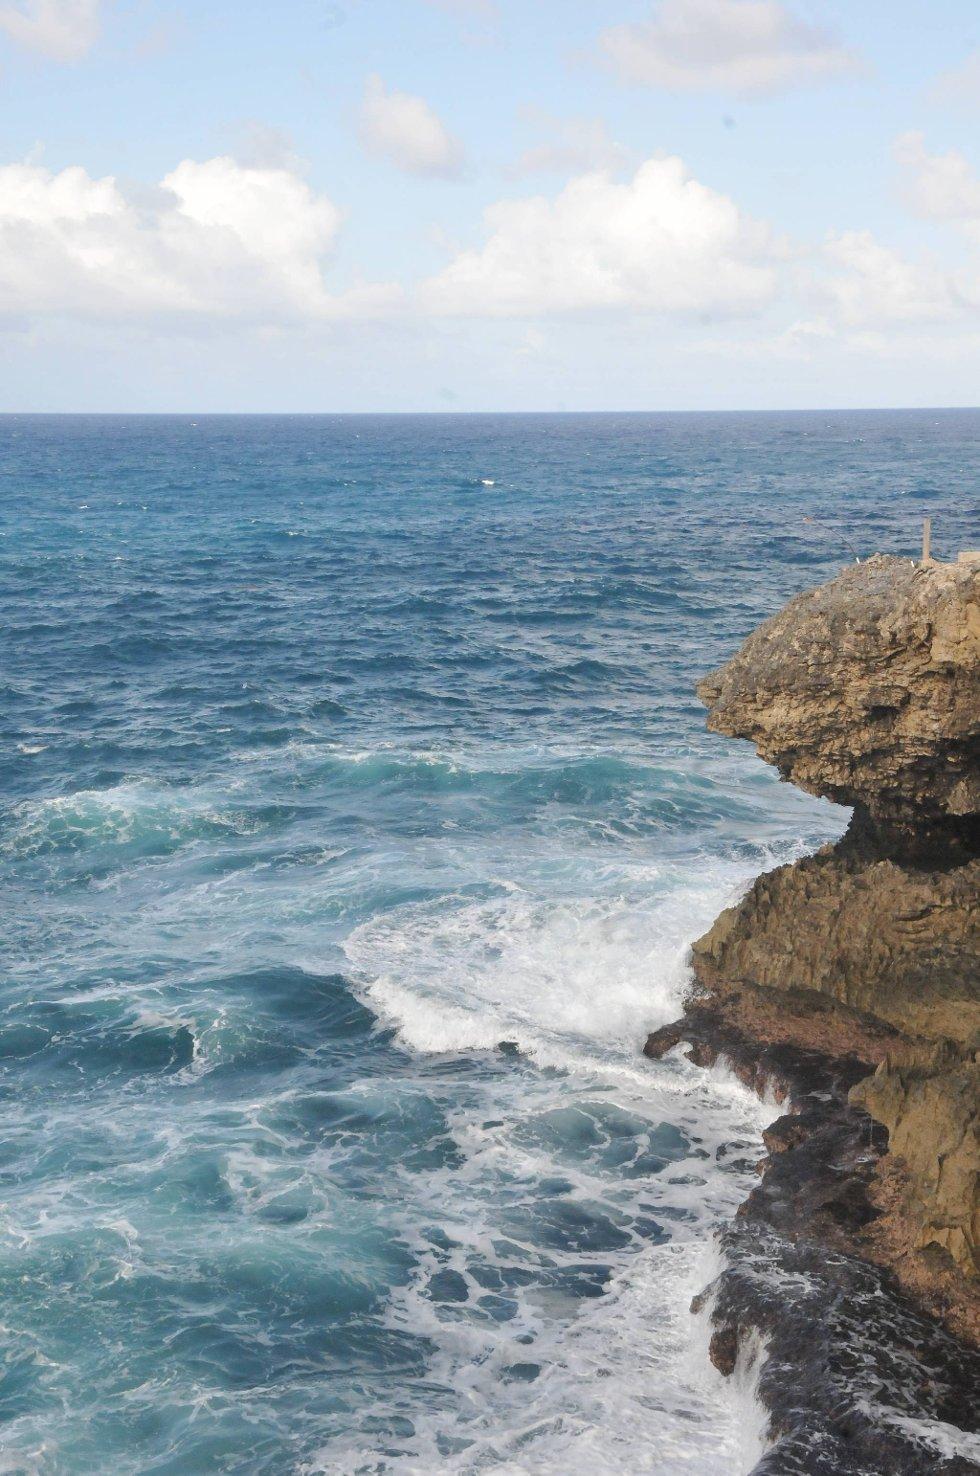 Barbados er den østligste øya i Karibia. Det ligger akkurat utfor Orkanbeltet.  (Foto: Terje Alstad, ANB)